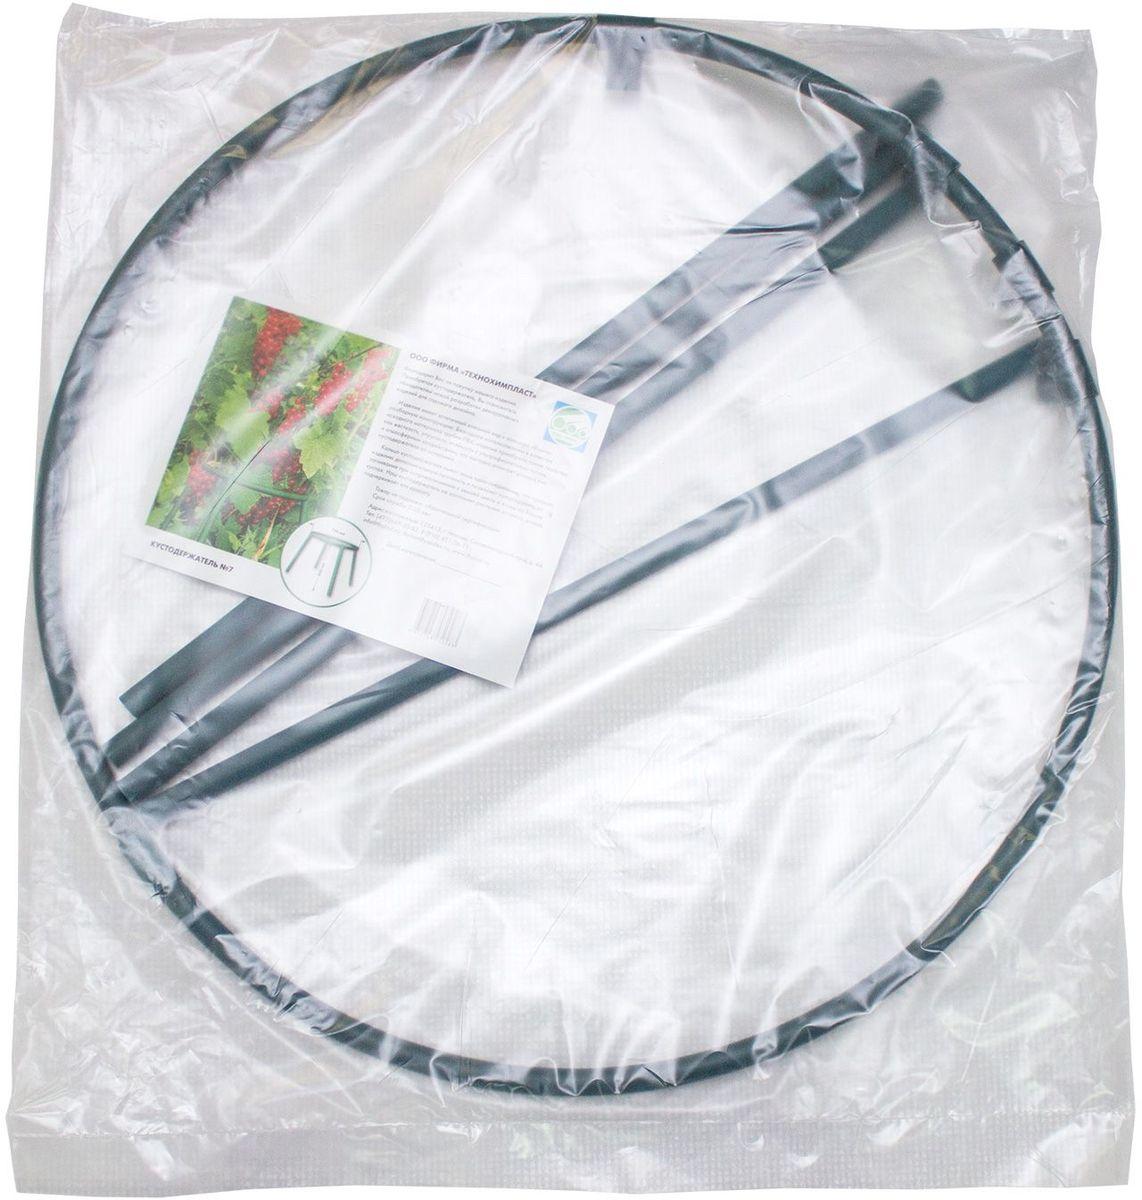 Кустодержатель Технохимпласт №7, цвет: зеленый, высота 75 см20045Надежная опора Технохимпласт №7, выполненная из ПВХ, подходит для ягодных кустарников и декоративных растений. Служит для оформлениярастений на участке, поддержки ветвей. Кустодержатель обеспечивает удобство ухода за растениями (прополки, полива, подкормки), а также способствует сохранению урожая на плодоносных культурах. Опоры для растений: - легко устанавливаются с помощью обычного садового инструмента; - гарантируют надежную поддержку как легких, так и тяжелых растений с большой массой листьев; - обеспечивают нормальную циркуляцию воздуха и исключают возможность прения листвы; - за счет устойчивости к коррозии и перепадам температуры выполняют свои функции и сохраняют привлекательный внешний вид на протяжении всего срока эксплуатации; - оперативно разбираются для компактного хранения.Диаметр кольца: 75 см. Высота опоры: 75 см.